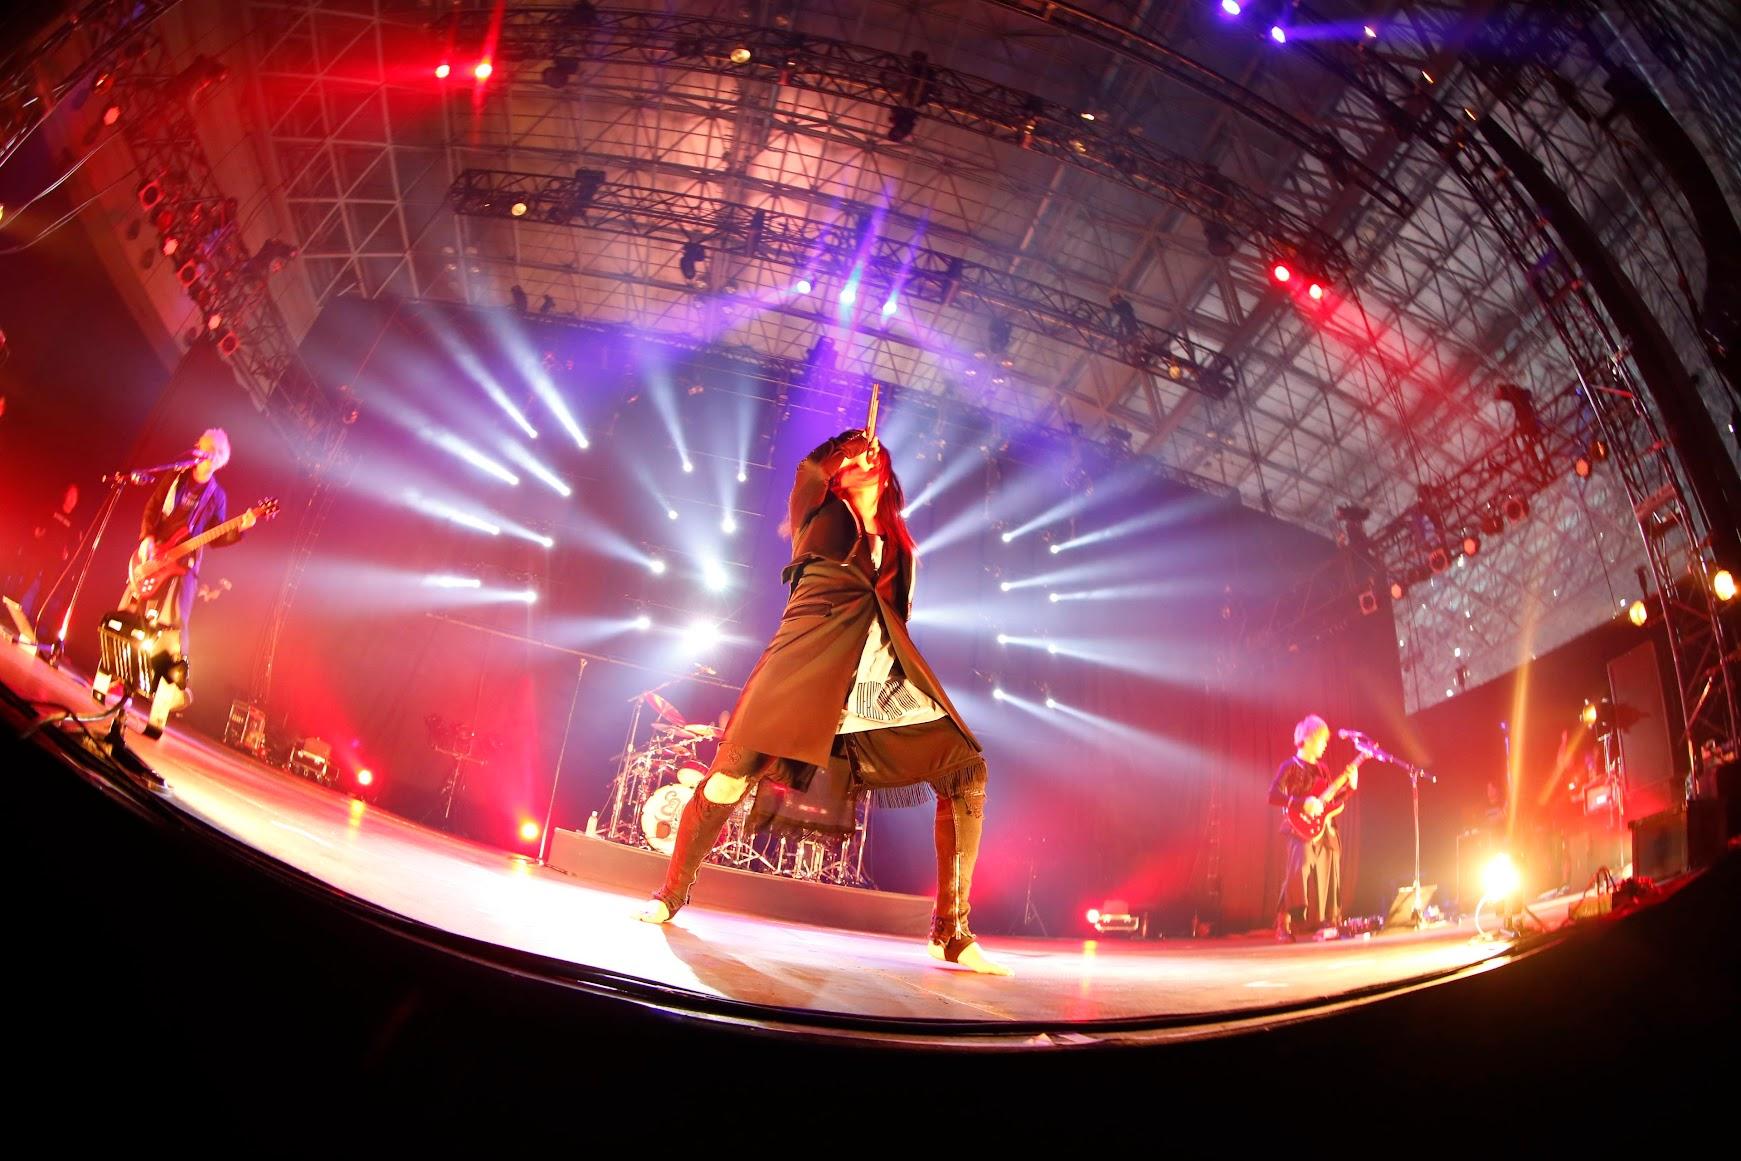 【迷迷現場】COUNTDOWN JAPAN 18/19 MUCC 連續三年出演 NOBUYA ( ROTTENGRAFFTY )驚喜現身飆唱